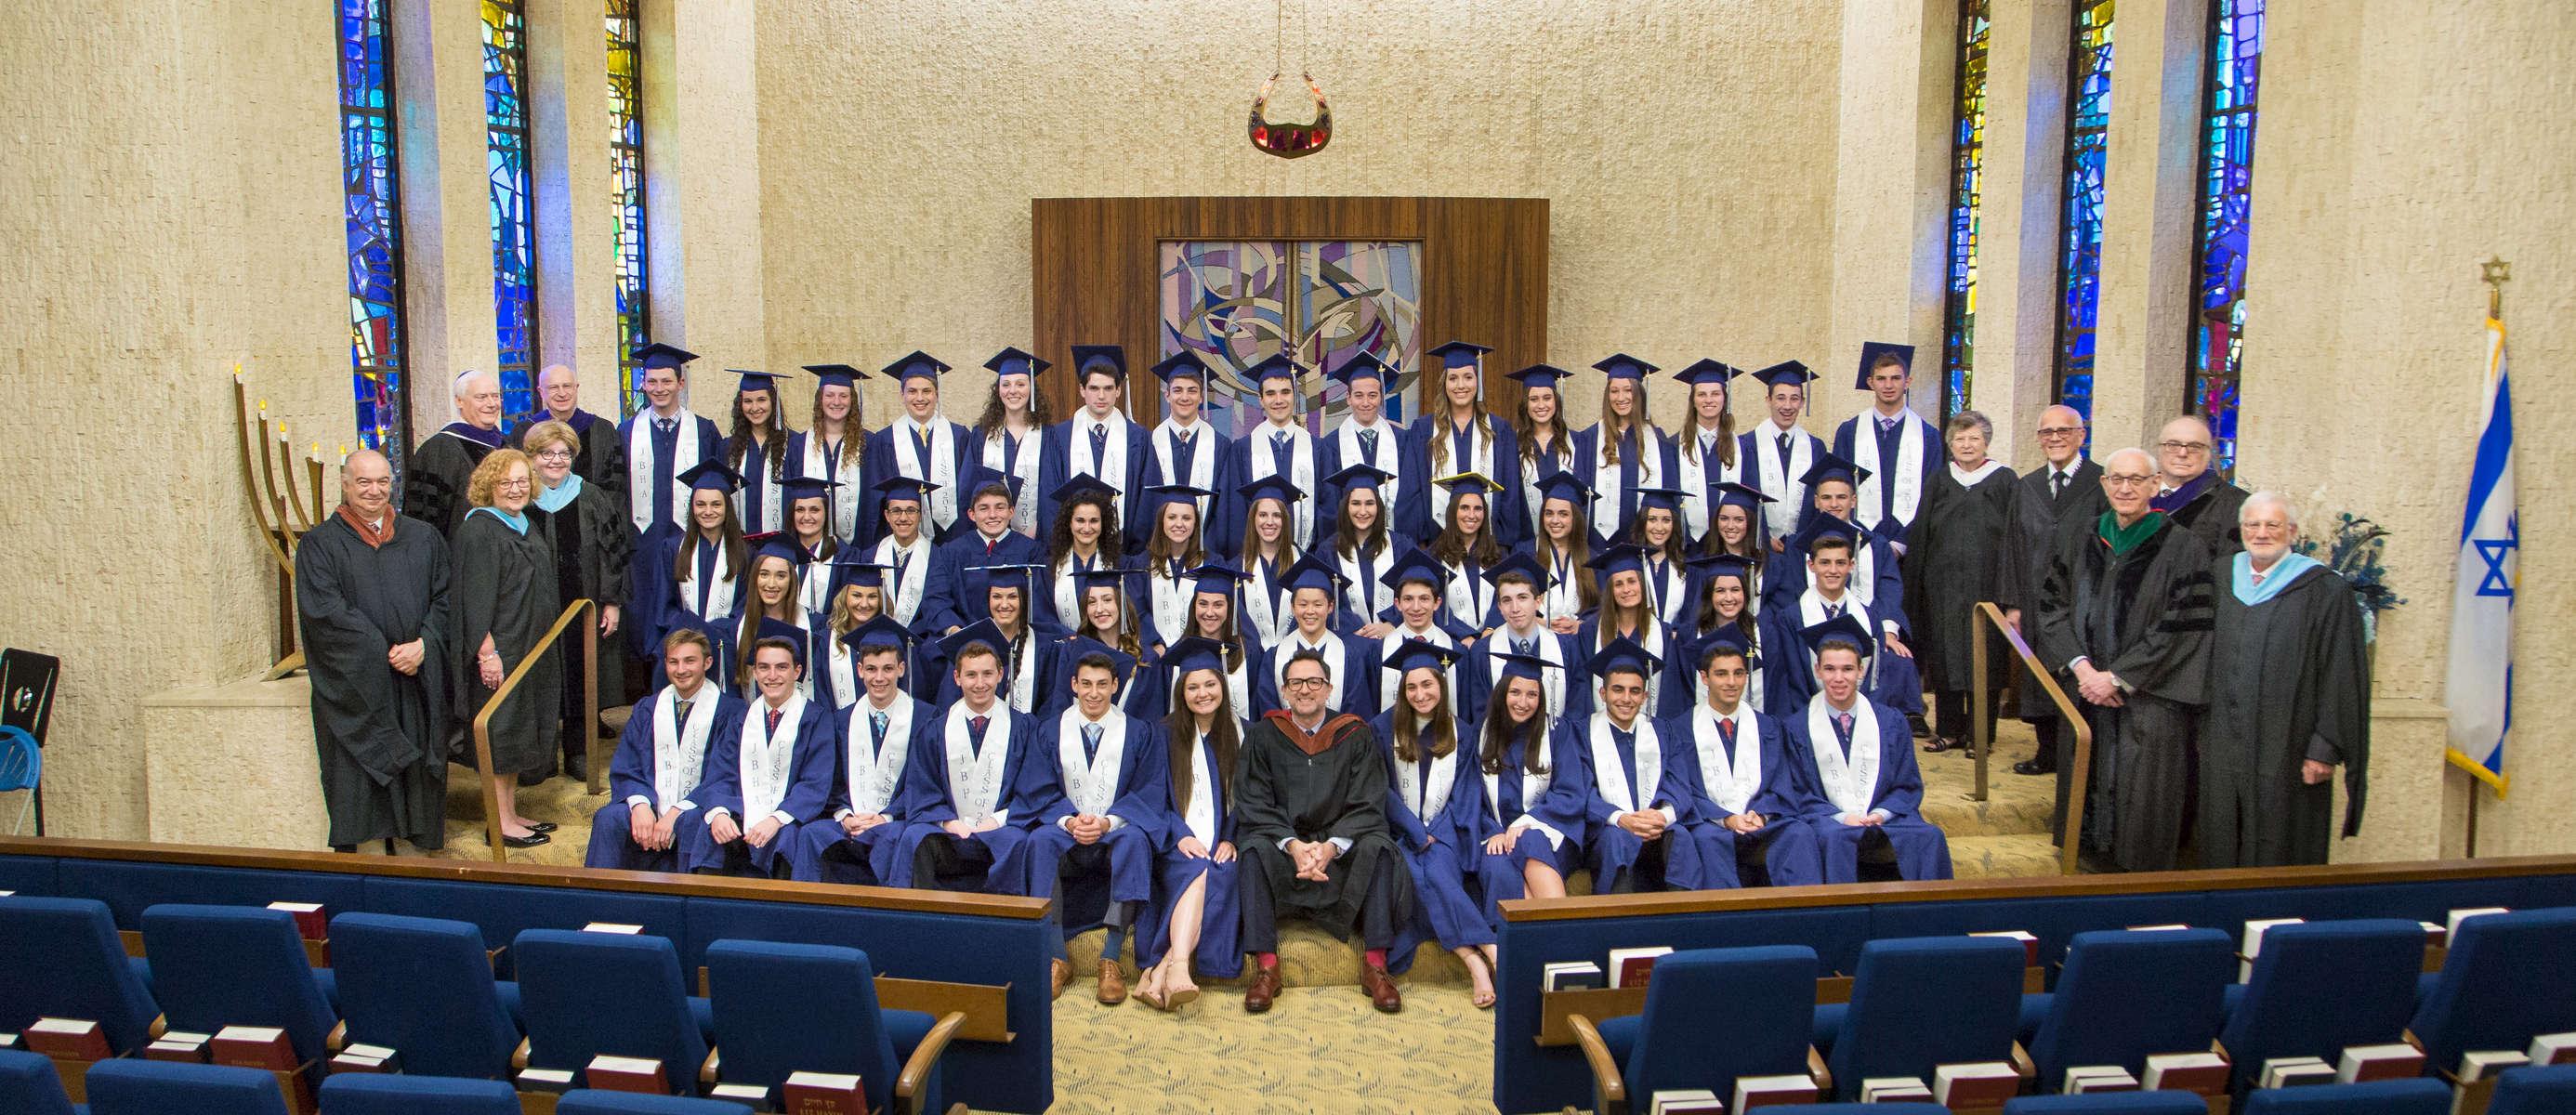 JUNE 8, 2017 - PENN VALLEY, PA -- Jack M. Barrack Hebrew Academy 2017 Commencement at Har Zion Temple Thursday, June 8, 2017.  PHOTOS © 2017 Jay Gorodetzer -- Jay Gorodetzer Photography, www.JayGorodetzer.com